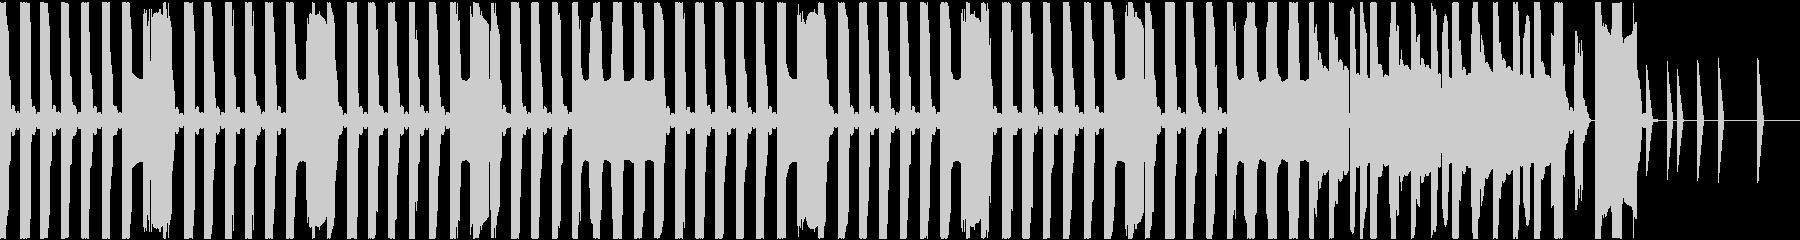 ファミコン風ループ/急いでいる感じの未再生の波形